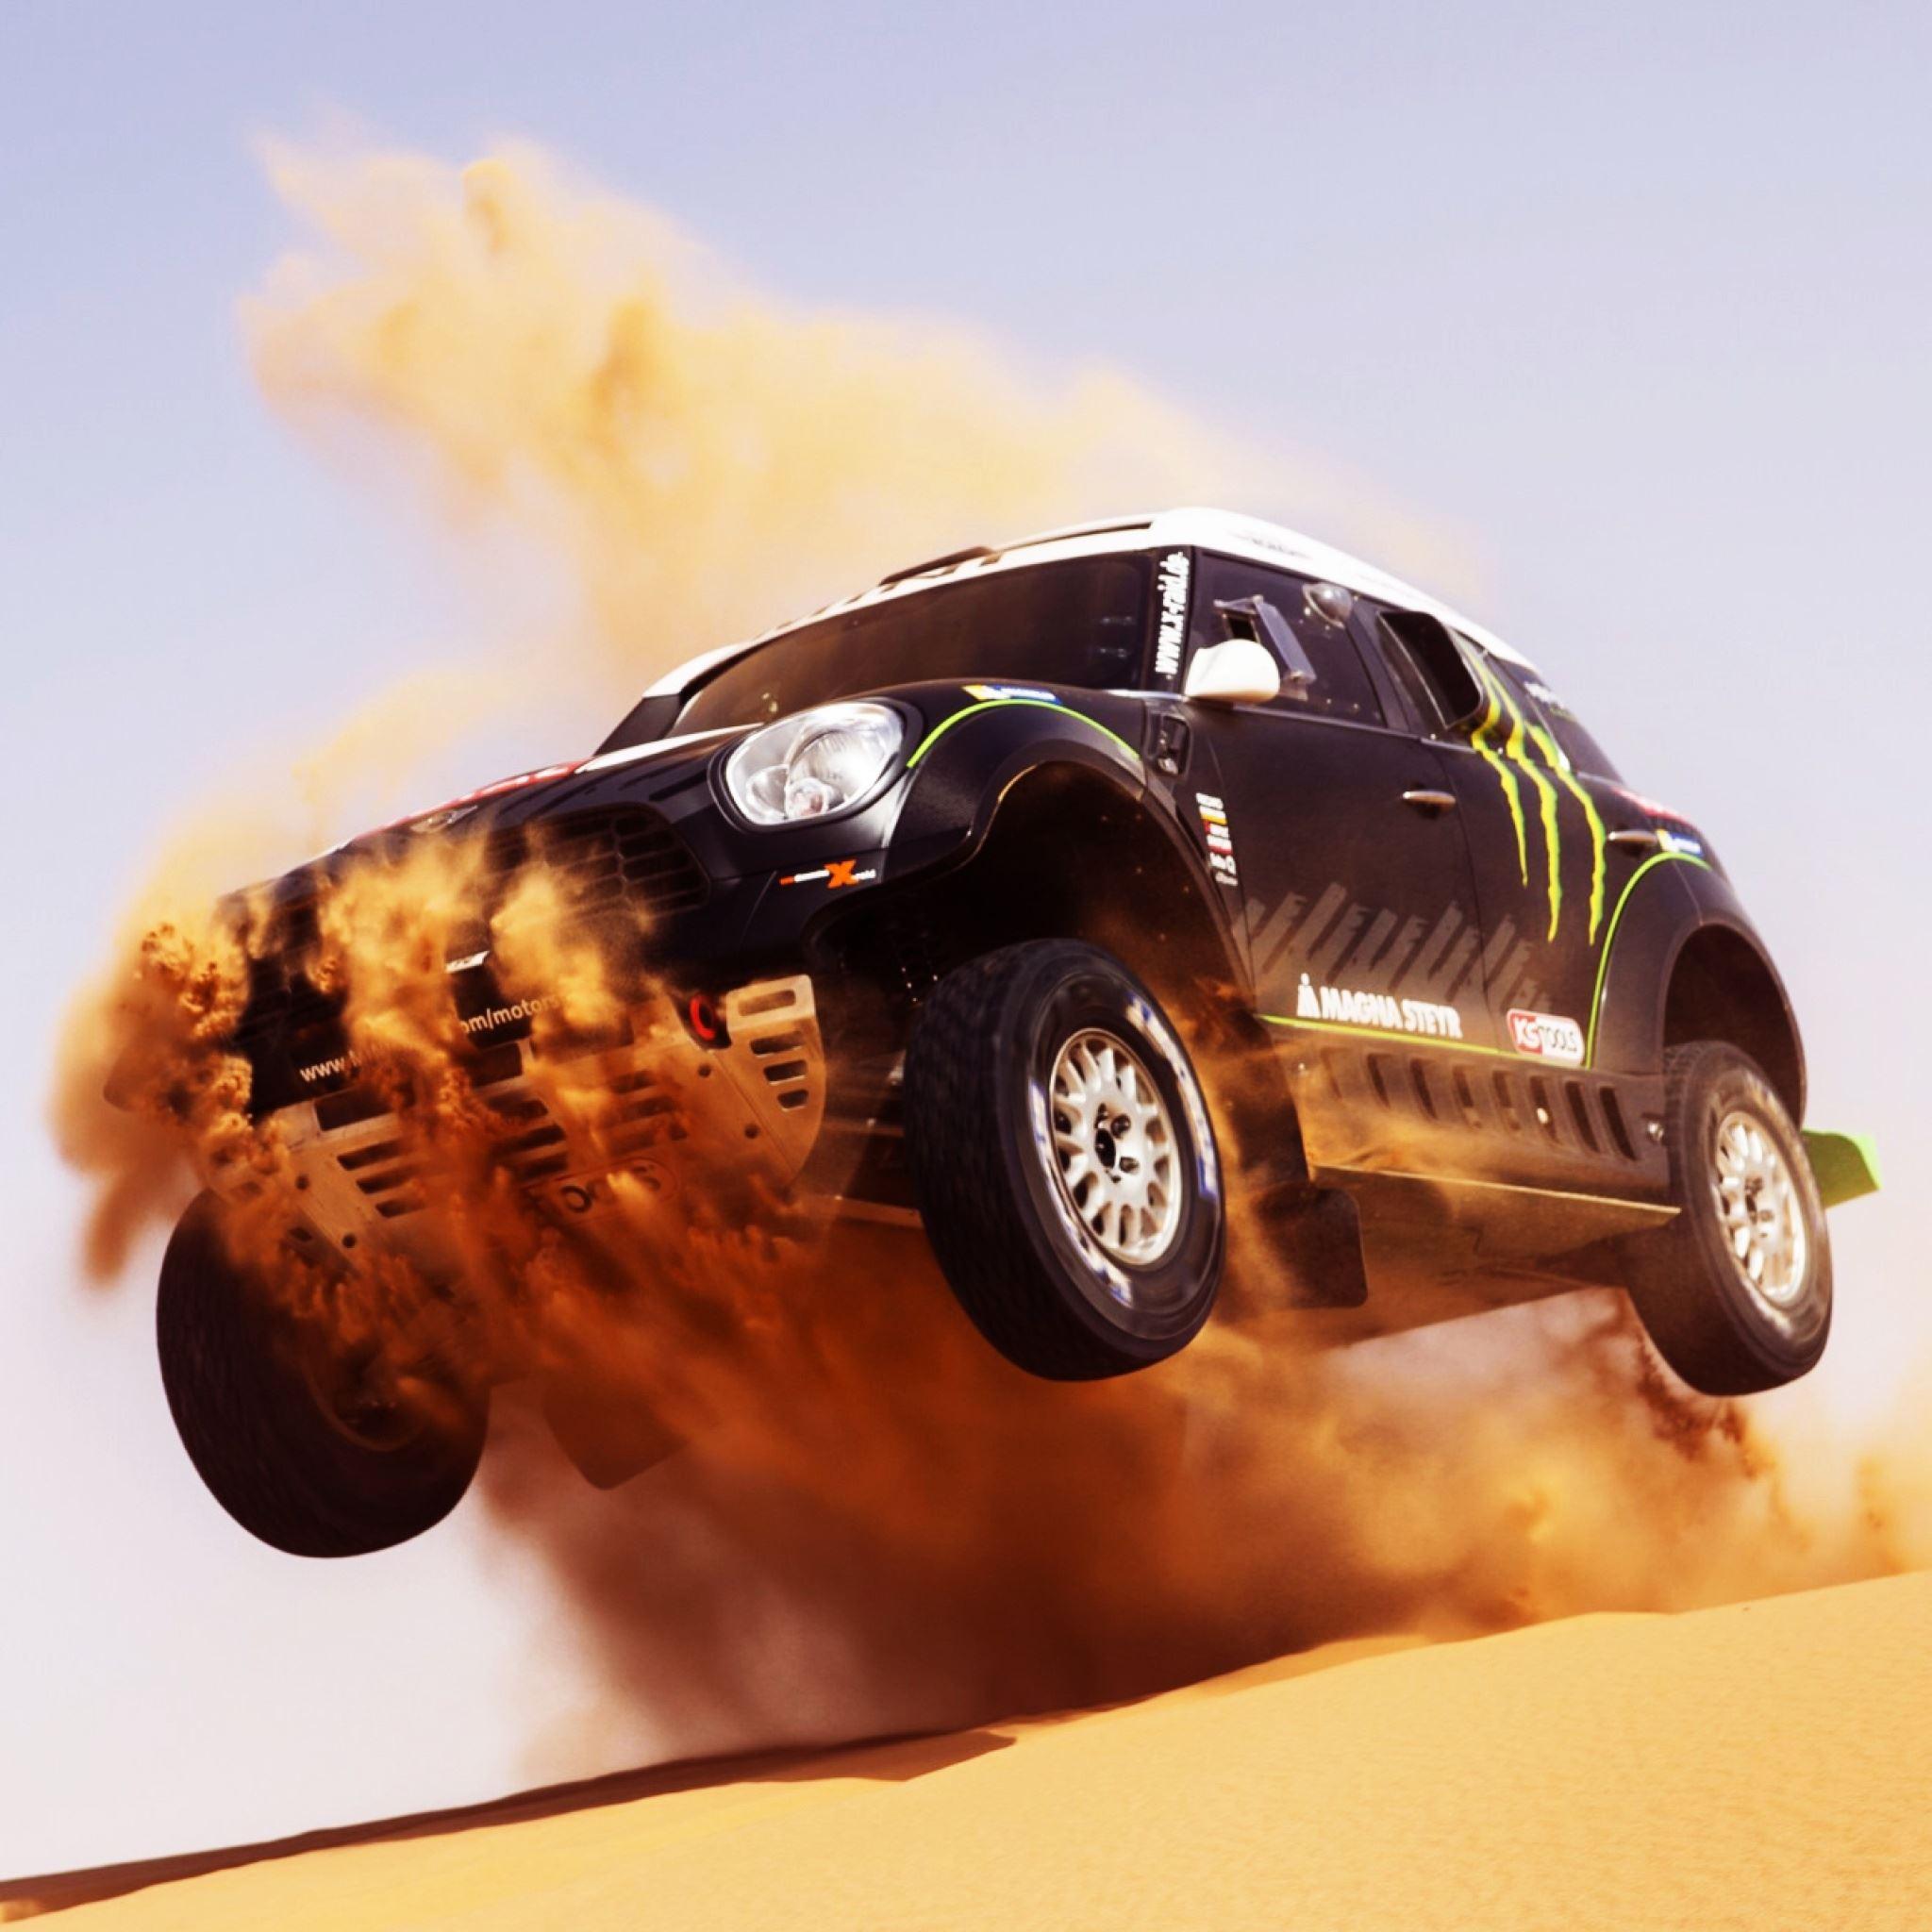 Mini Cooper Car Cross Desert Ipad Air Wallpapers Free Download